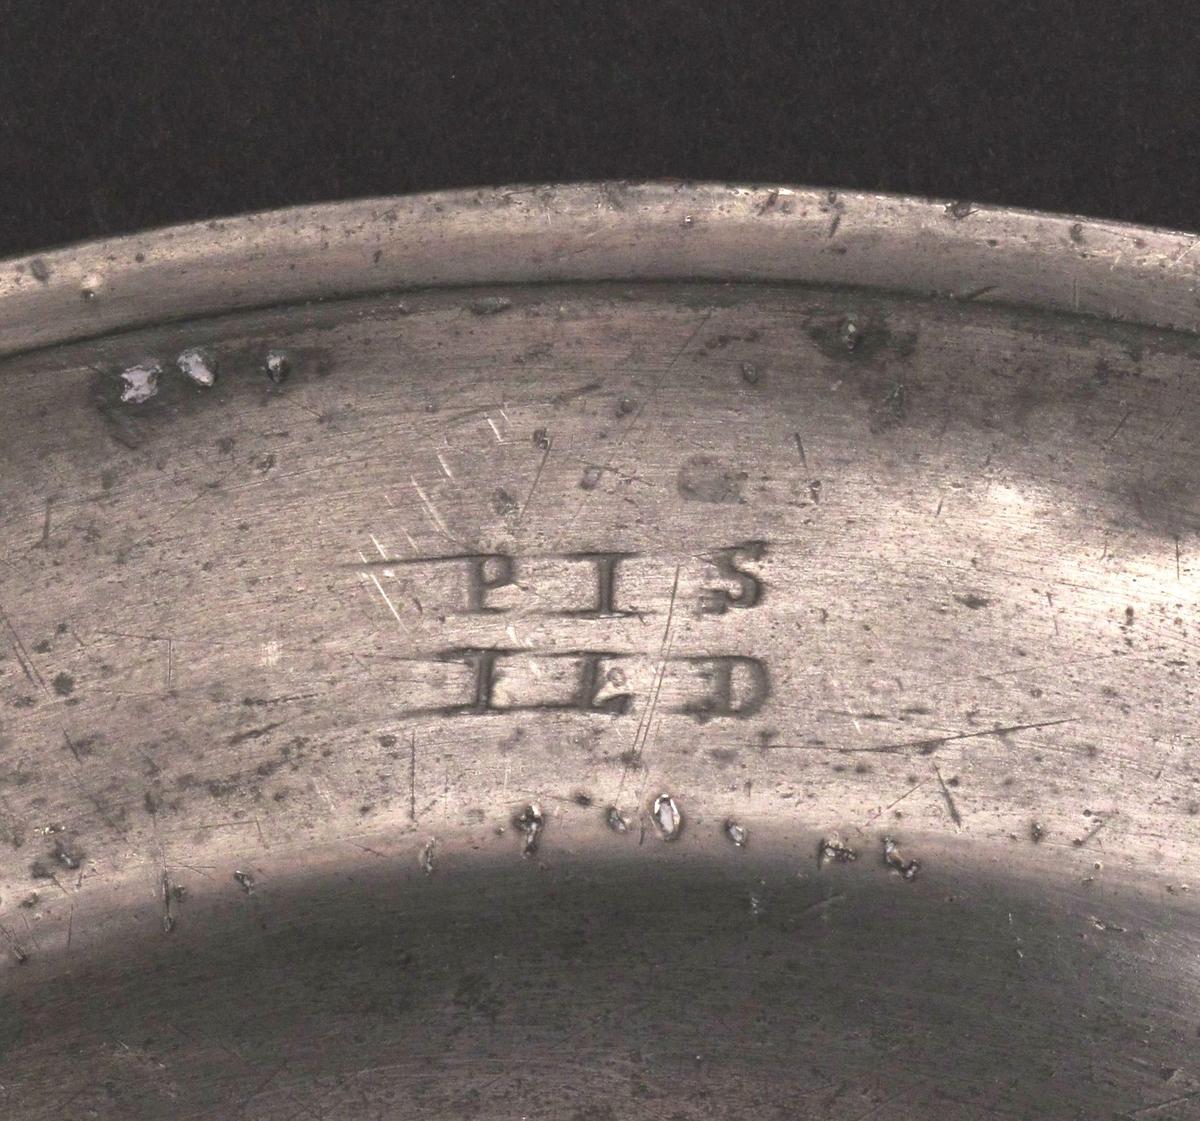 Tinnfat. med initialer  PIS og ILD (?)  Ustemplet.  Fat med svakt buet brem og en profilring ytterst langs kanten.   Tilstand: mørk bakside, nokså gjennomhullet i kanten og over midten.